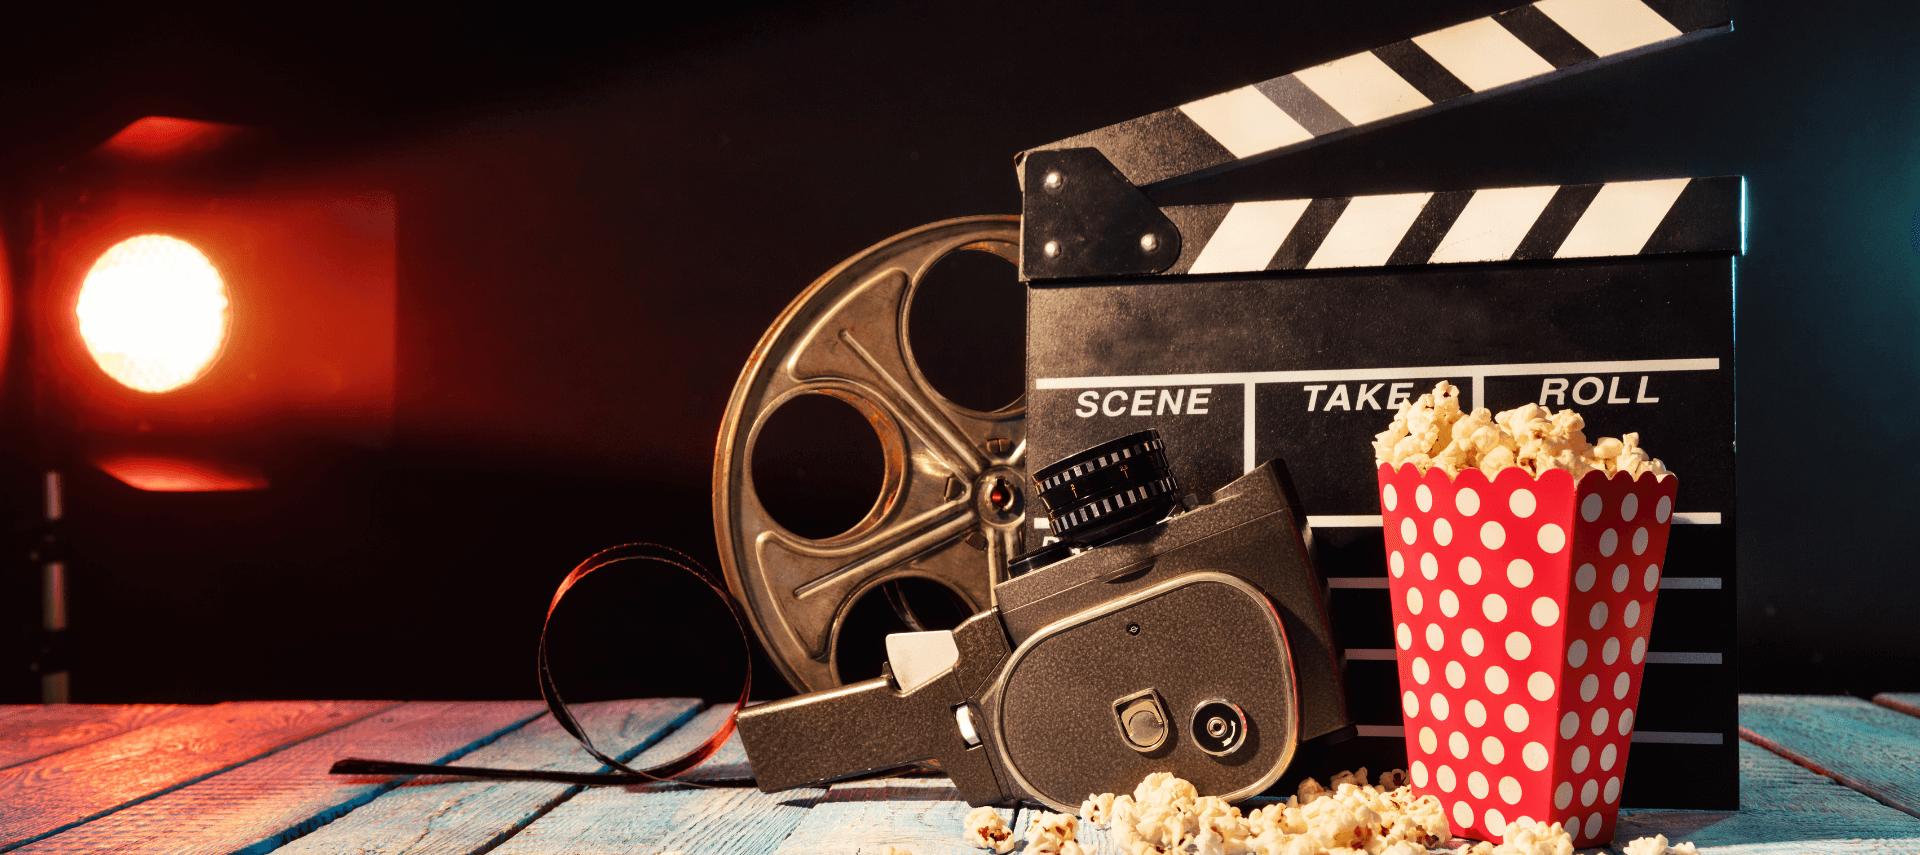 Film reel, popcorn, clapperboard, and lights